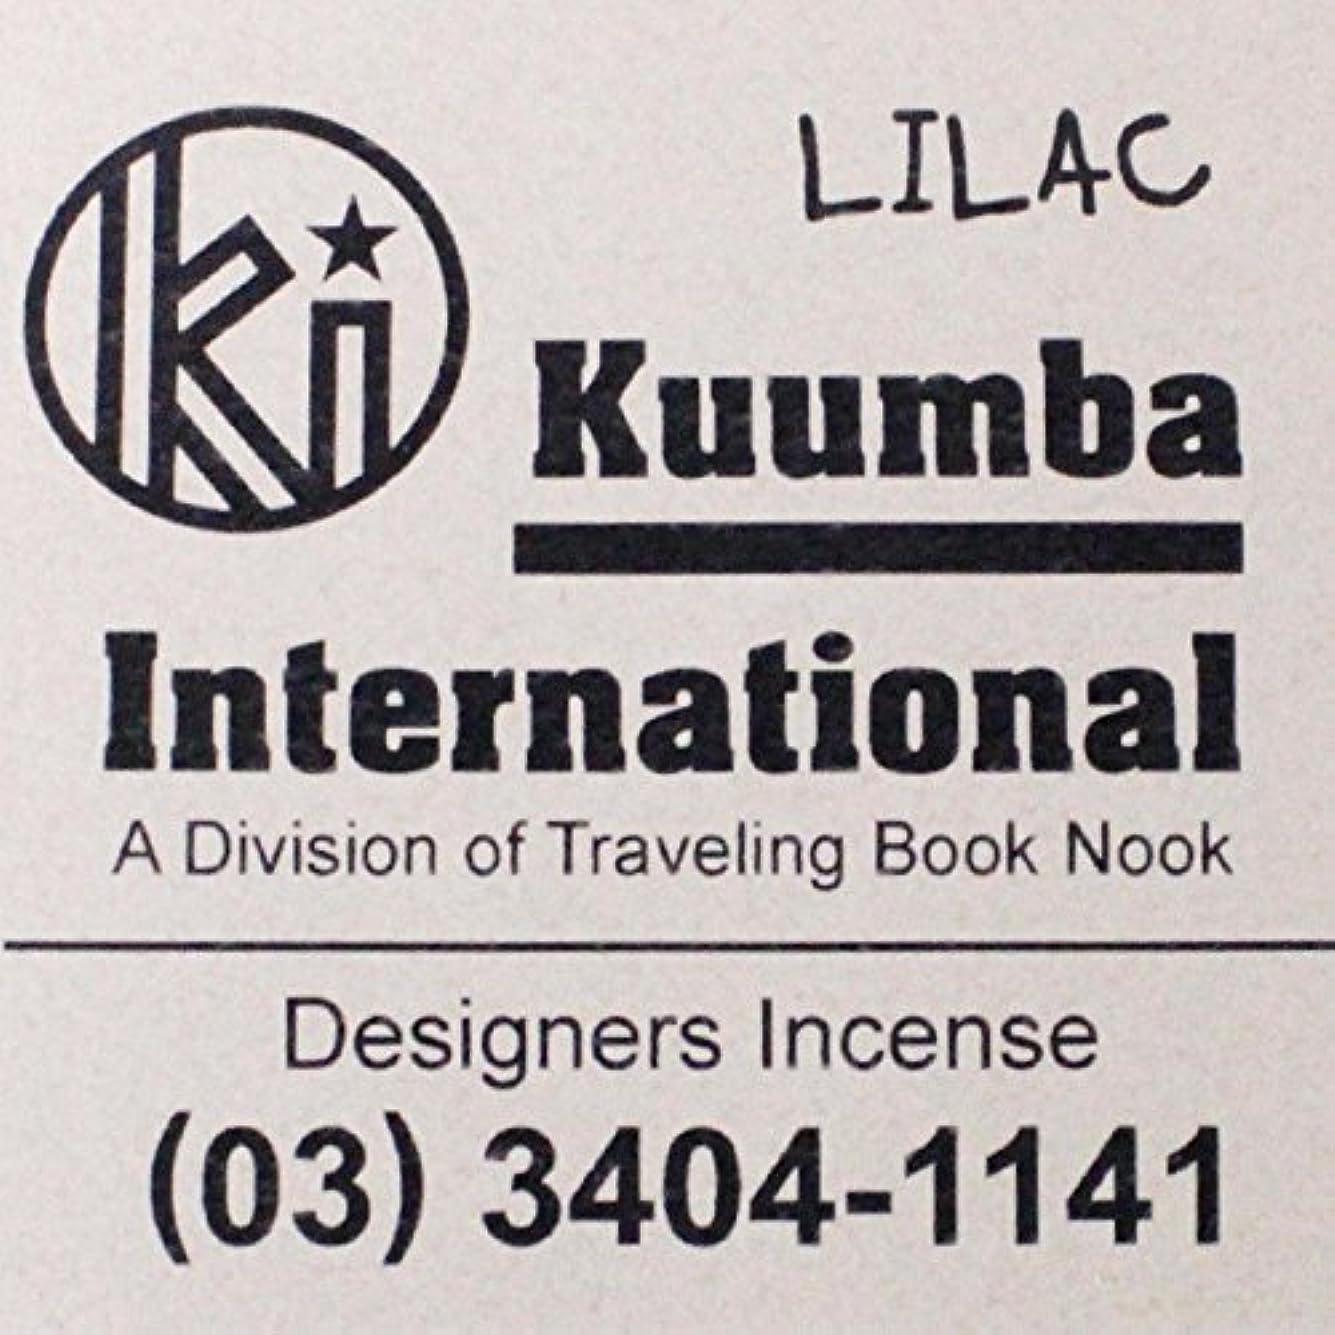 突破口プレビスサイト問い合わせ(クンバ) KUUMBA『incense』(LILAC) (Regular size)